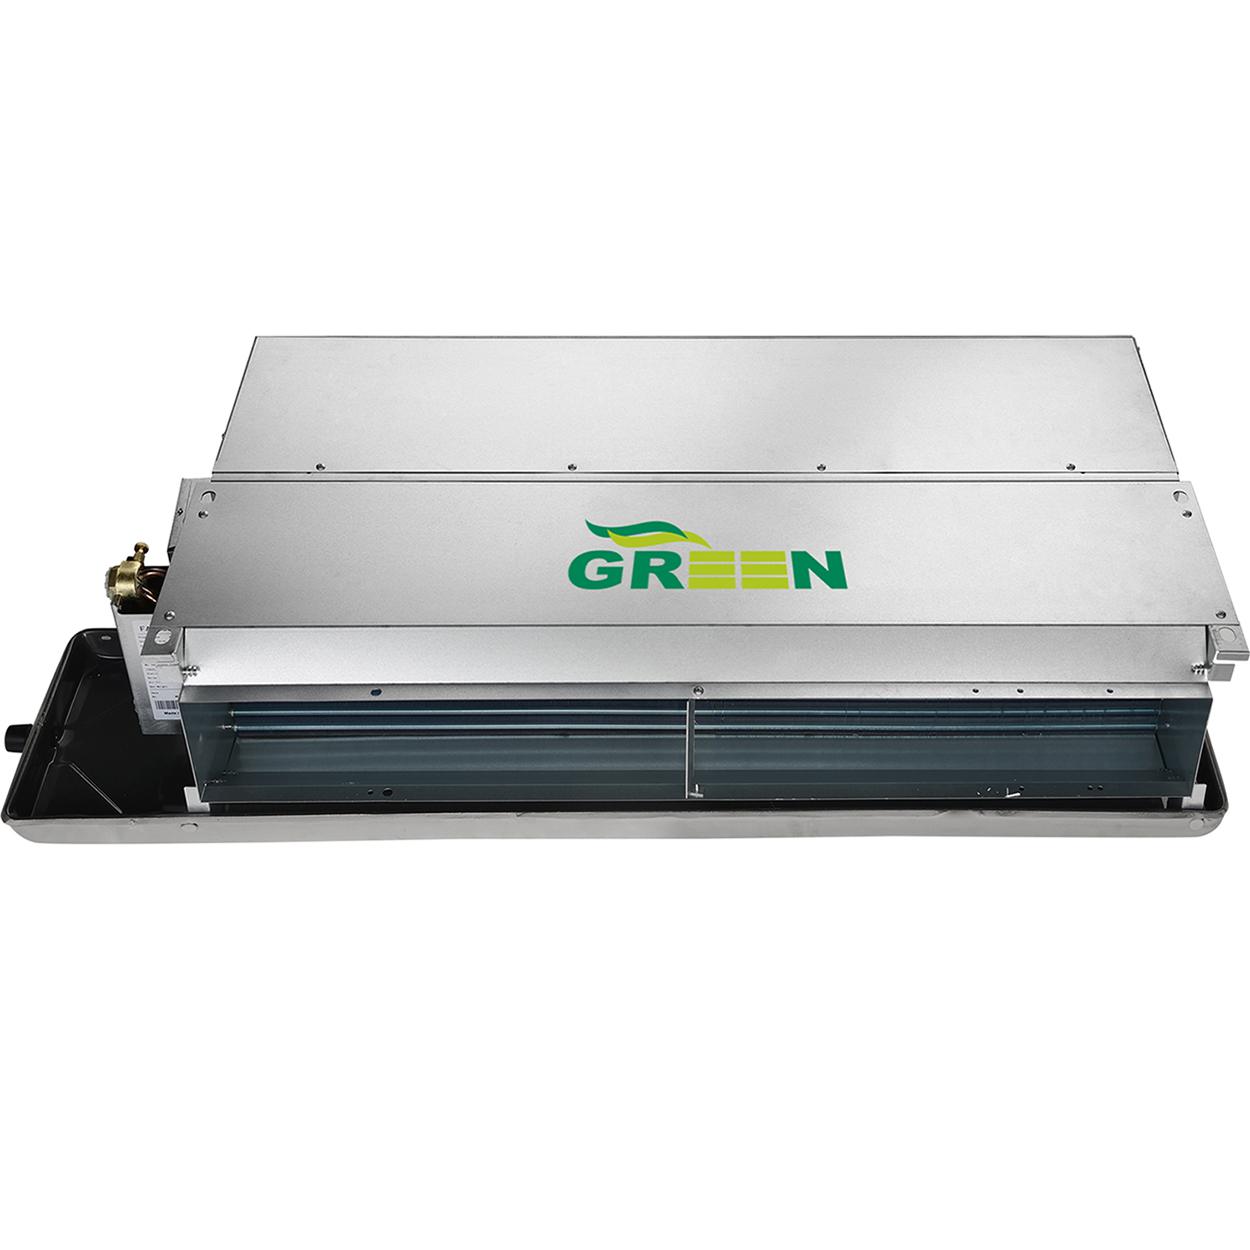 فن کویل گرین مدل GِِِDF400P1 ظرفیت 400 فوت مکعب بر دقیقه